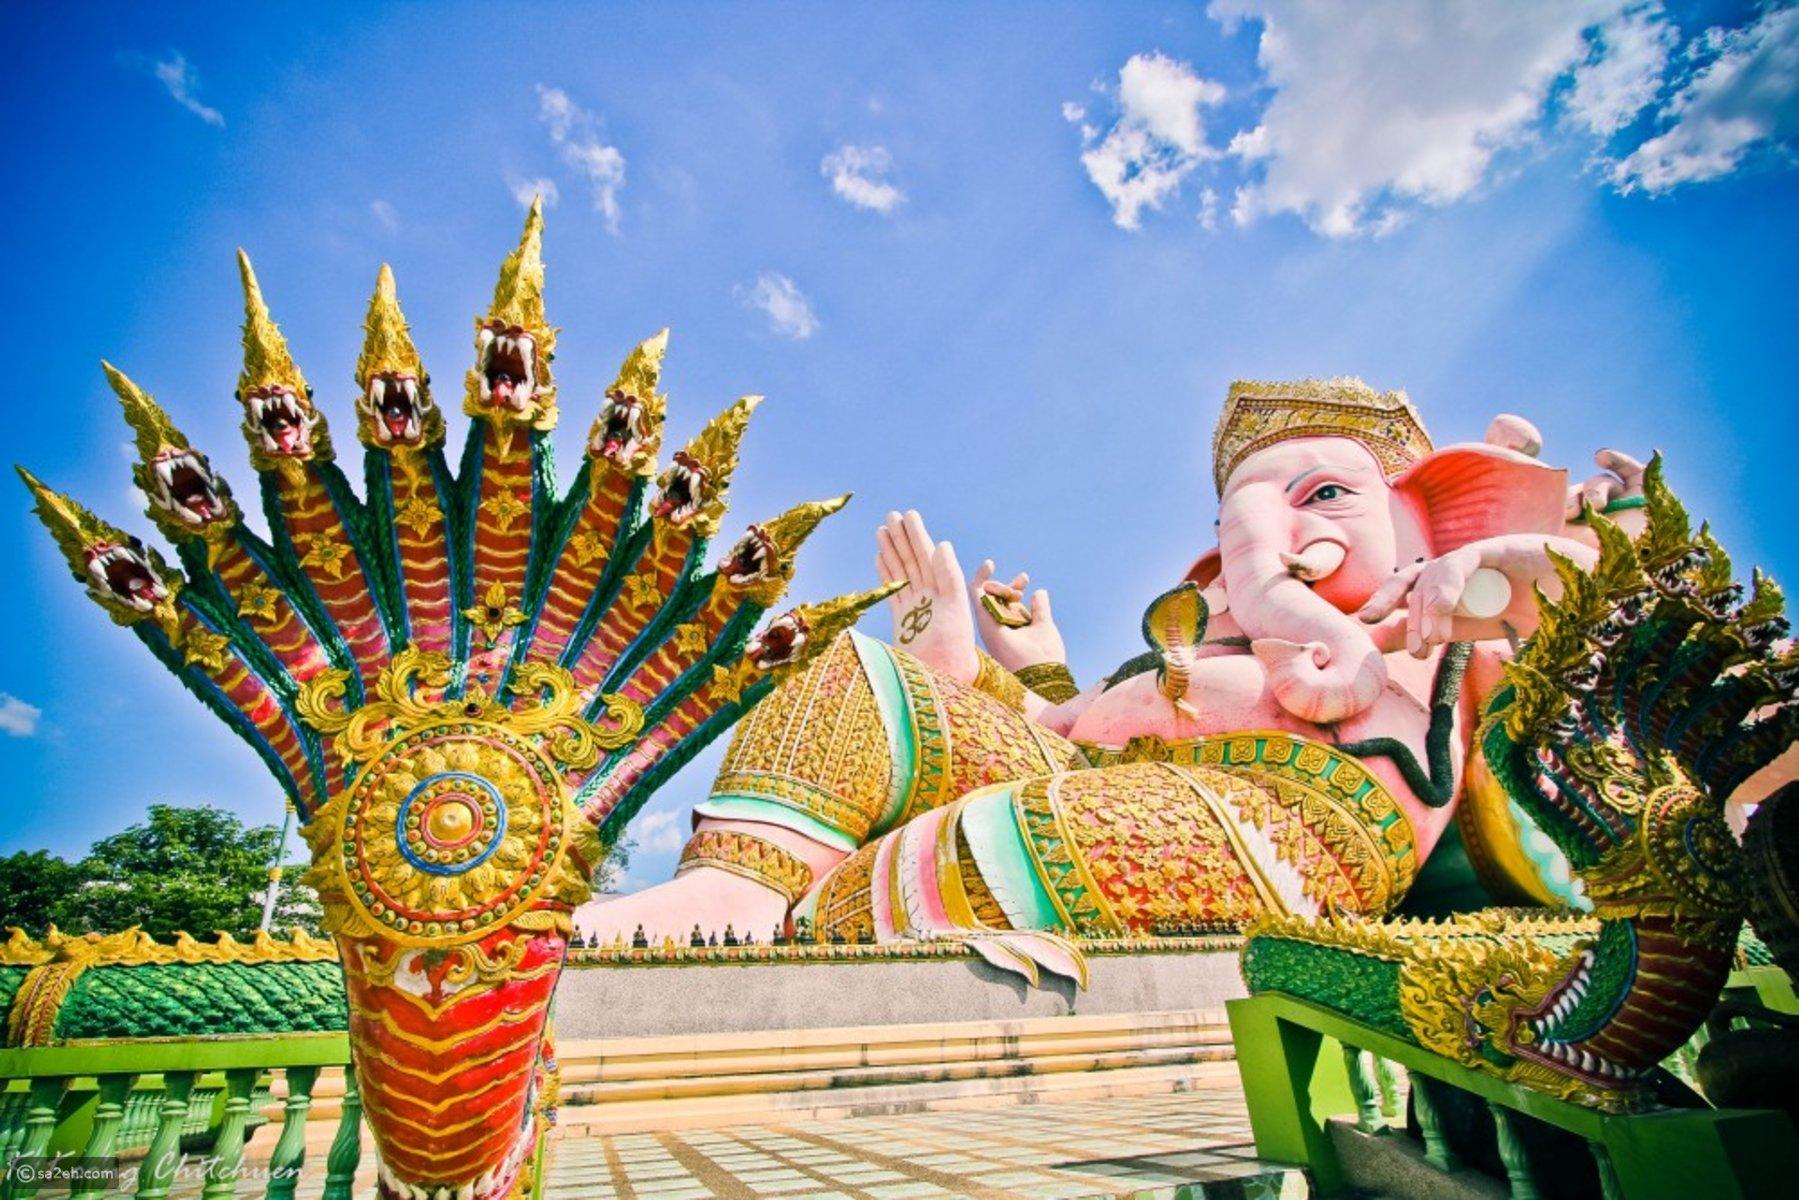 أفضل 15نشاطاً يمكنك القيام به في باندونج إندونيسيا